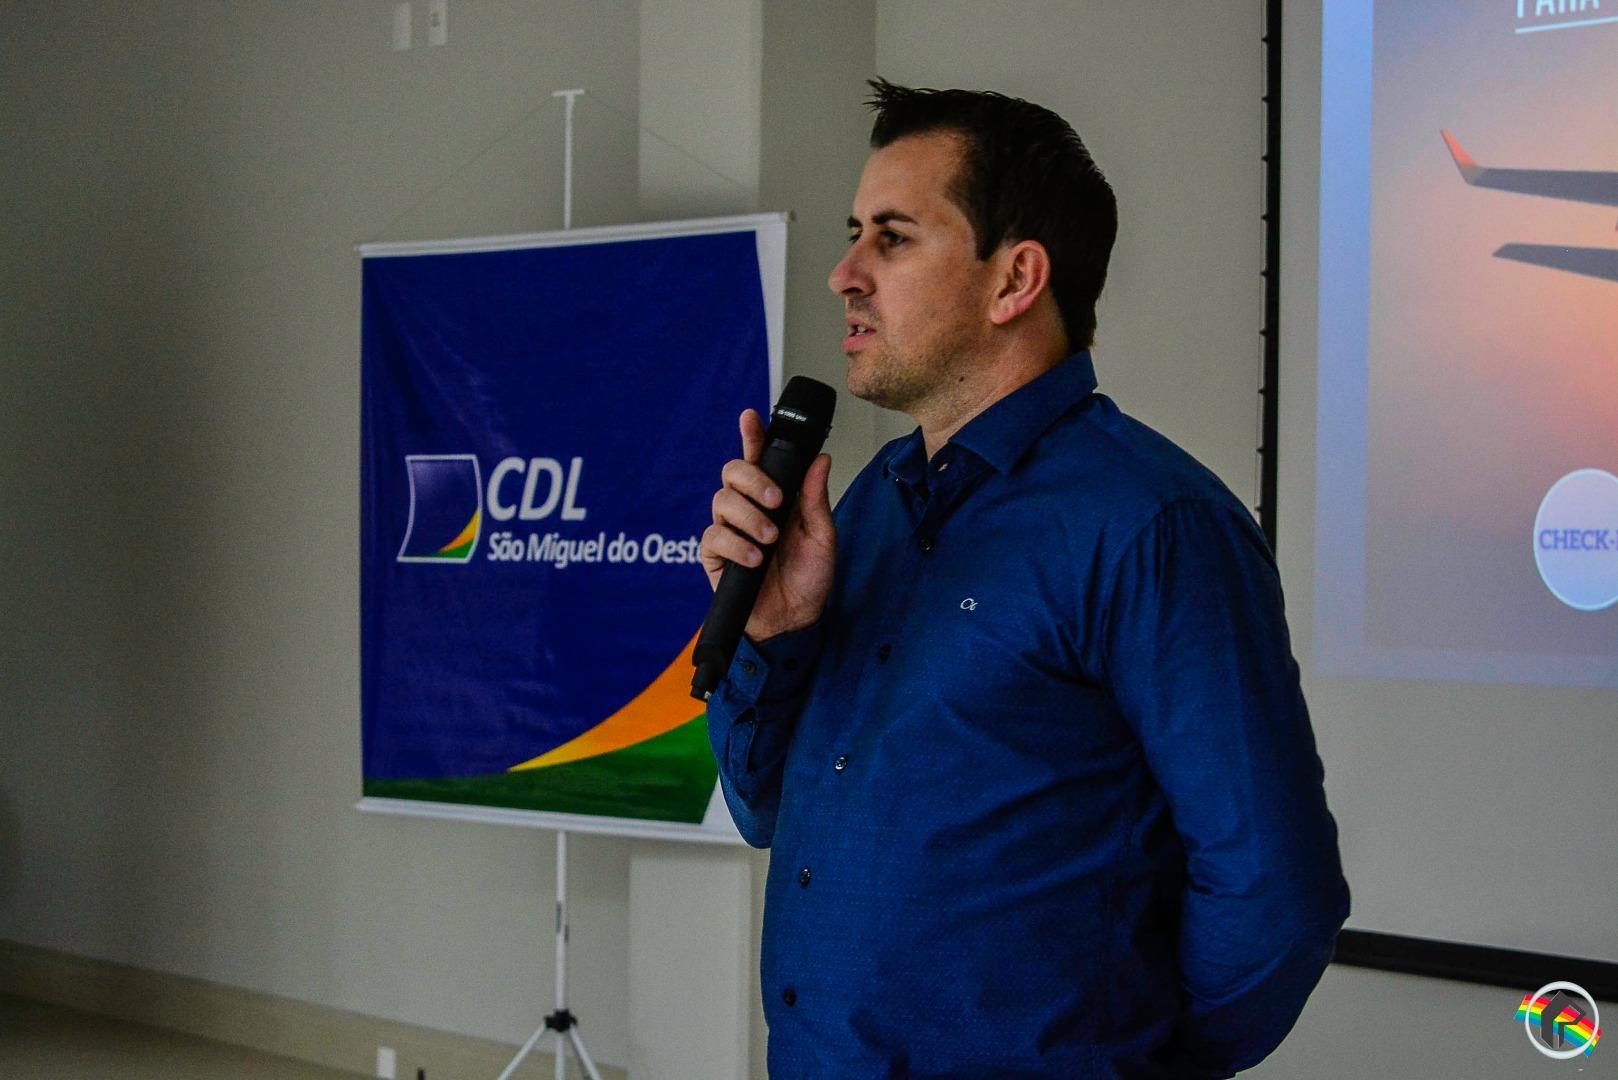 CDL realiza palestra com o tema Liderança e Competitividade